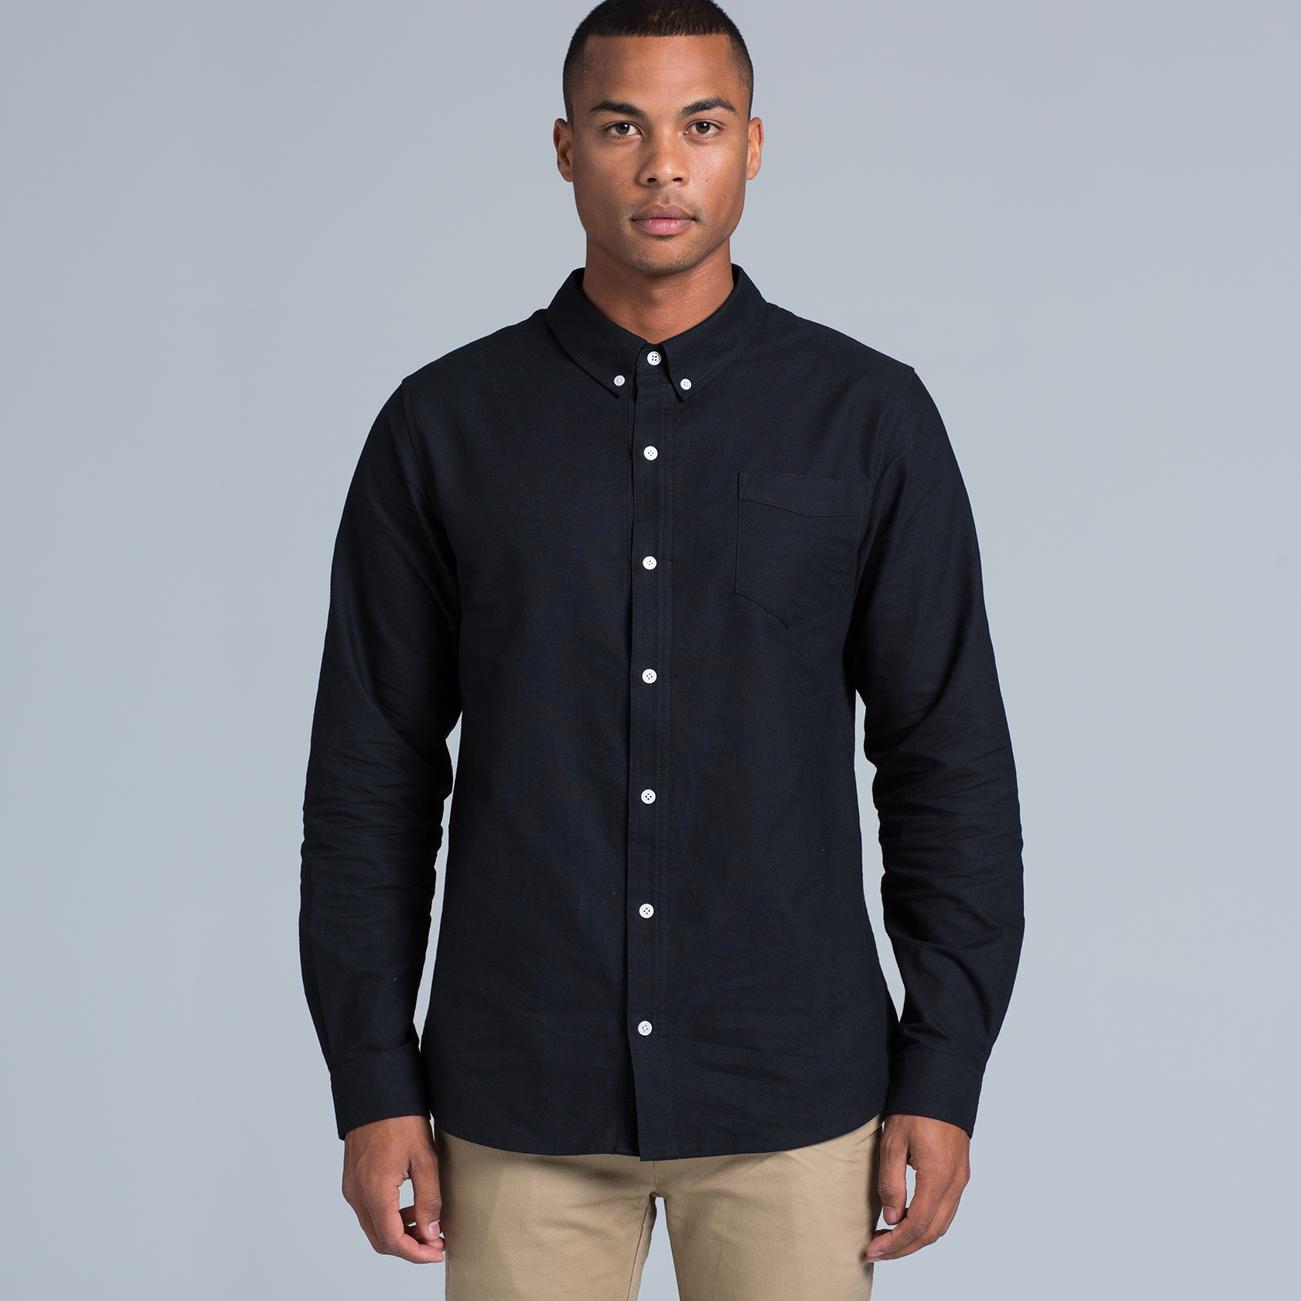 AS Colour Oxford Shirt